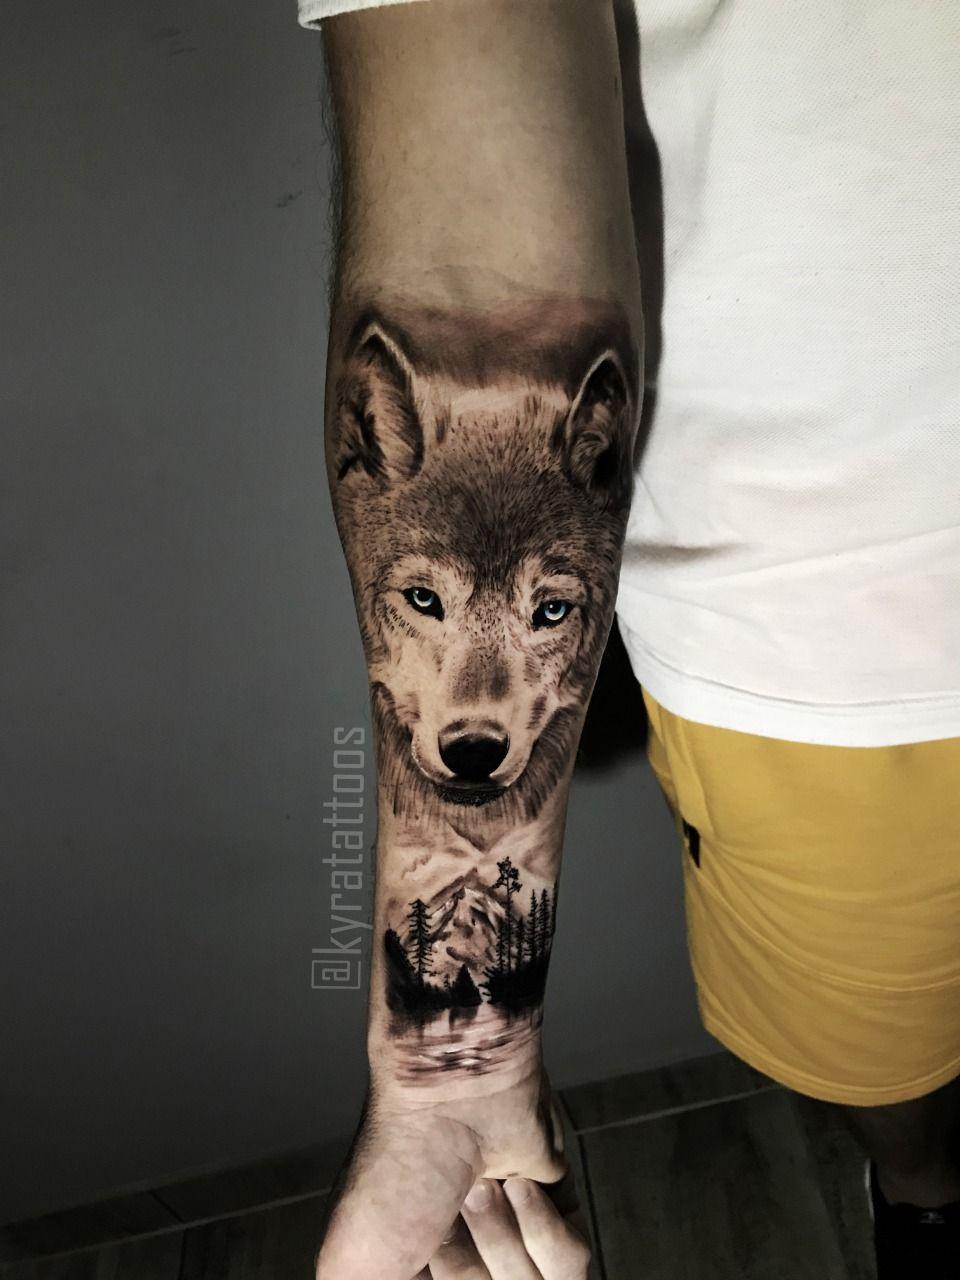 #tattoo #tattoolobo #wolf #tatuagem #realismotattoo